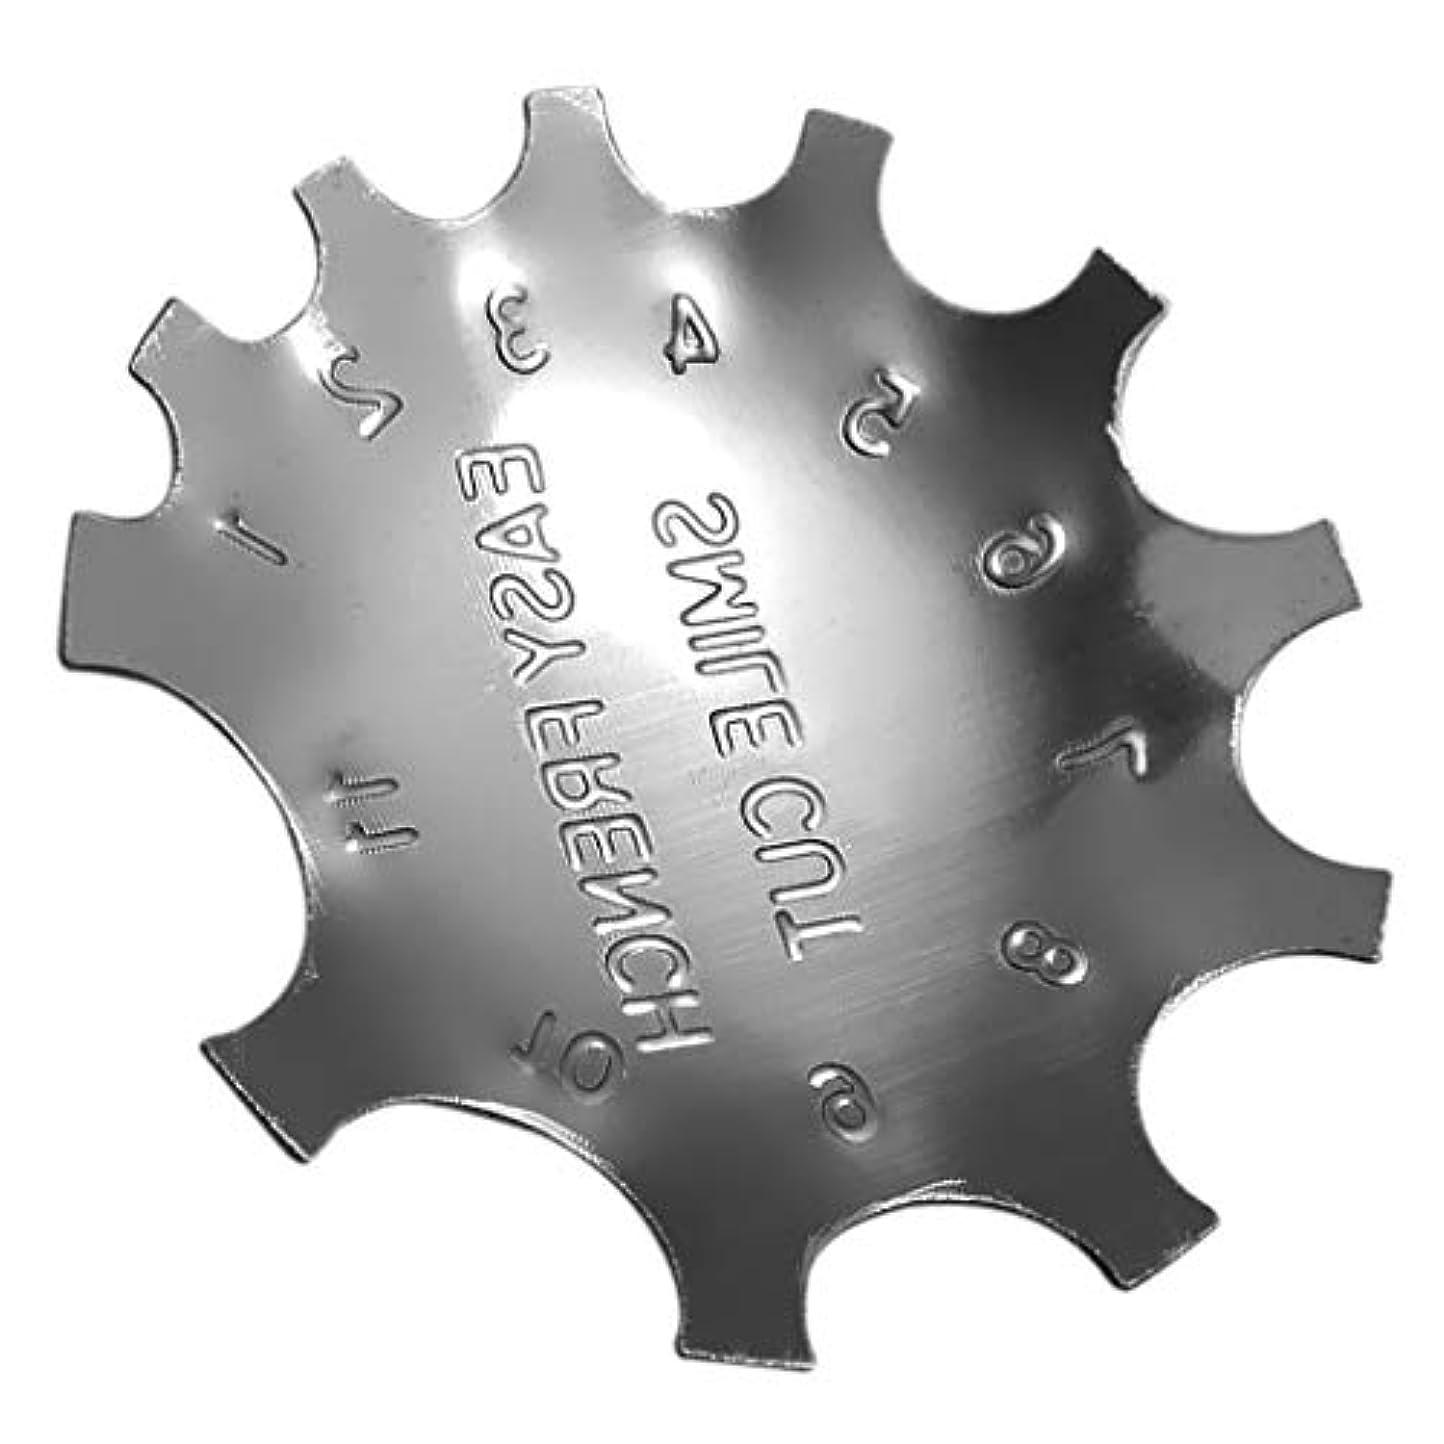 事実上スカリー弱まるCUTICATE ステンレス フレンチネイル スマイルラインカッター ネイルプレート マニキュアツール 全4サイズ - 02